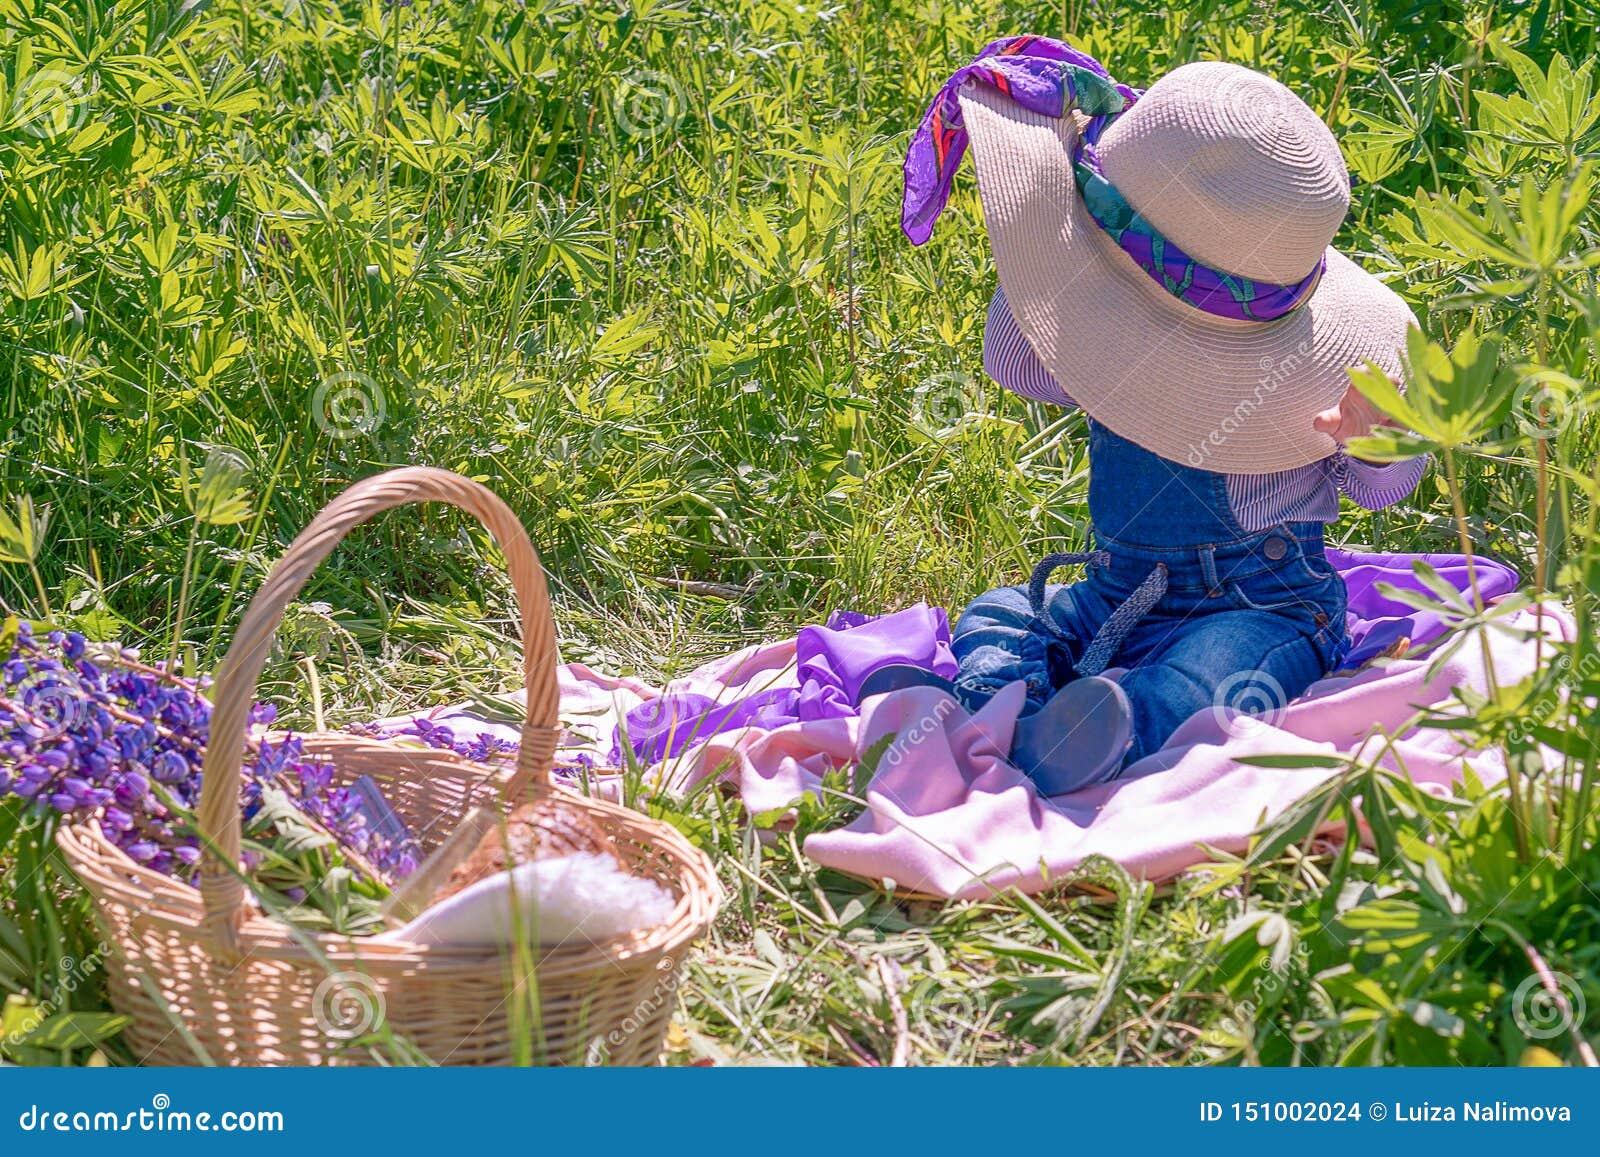 Un niño pequeño en un sombrero se sienta en un campo sorpresa El concepto de verano